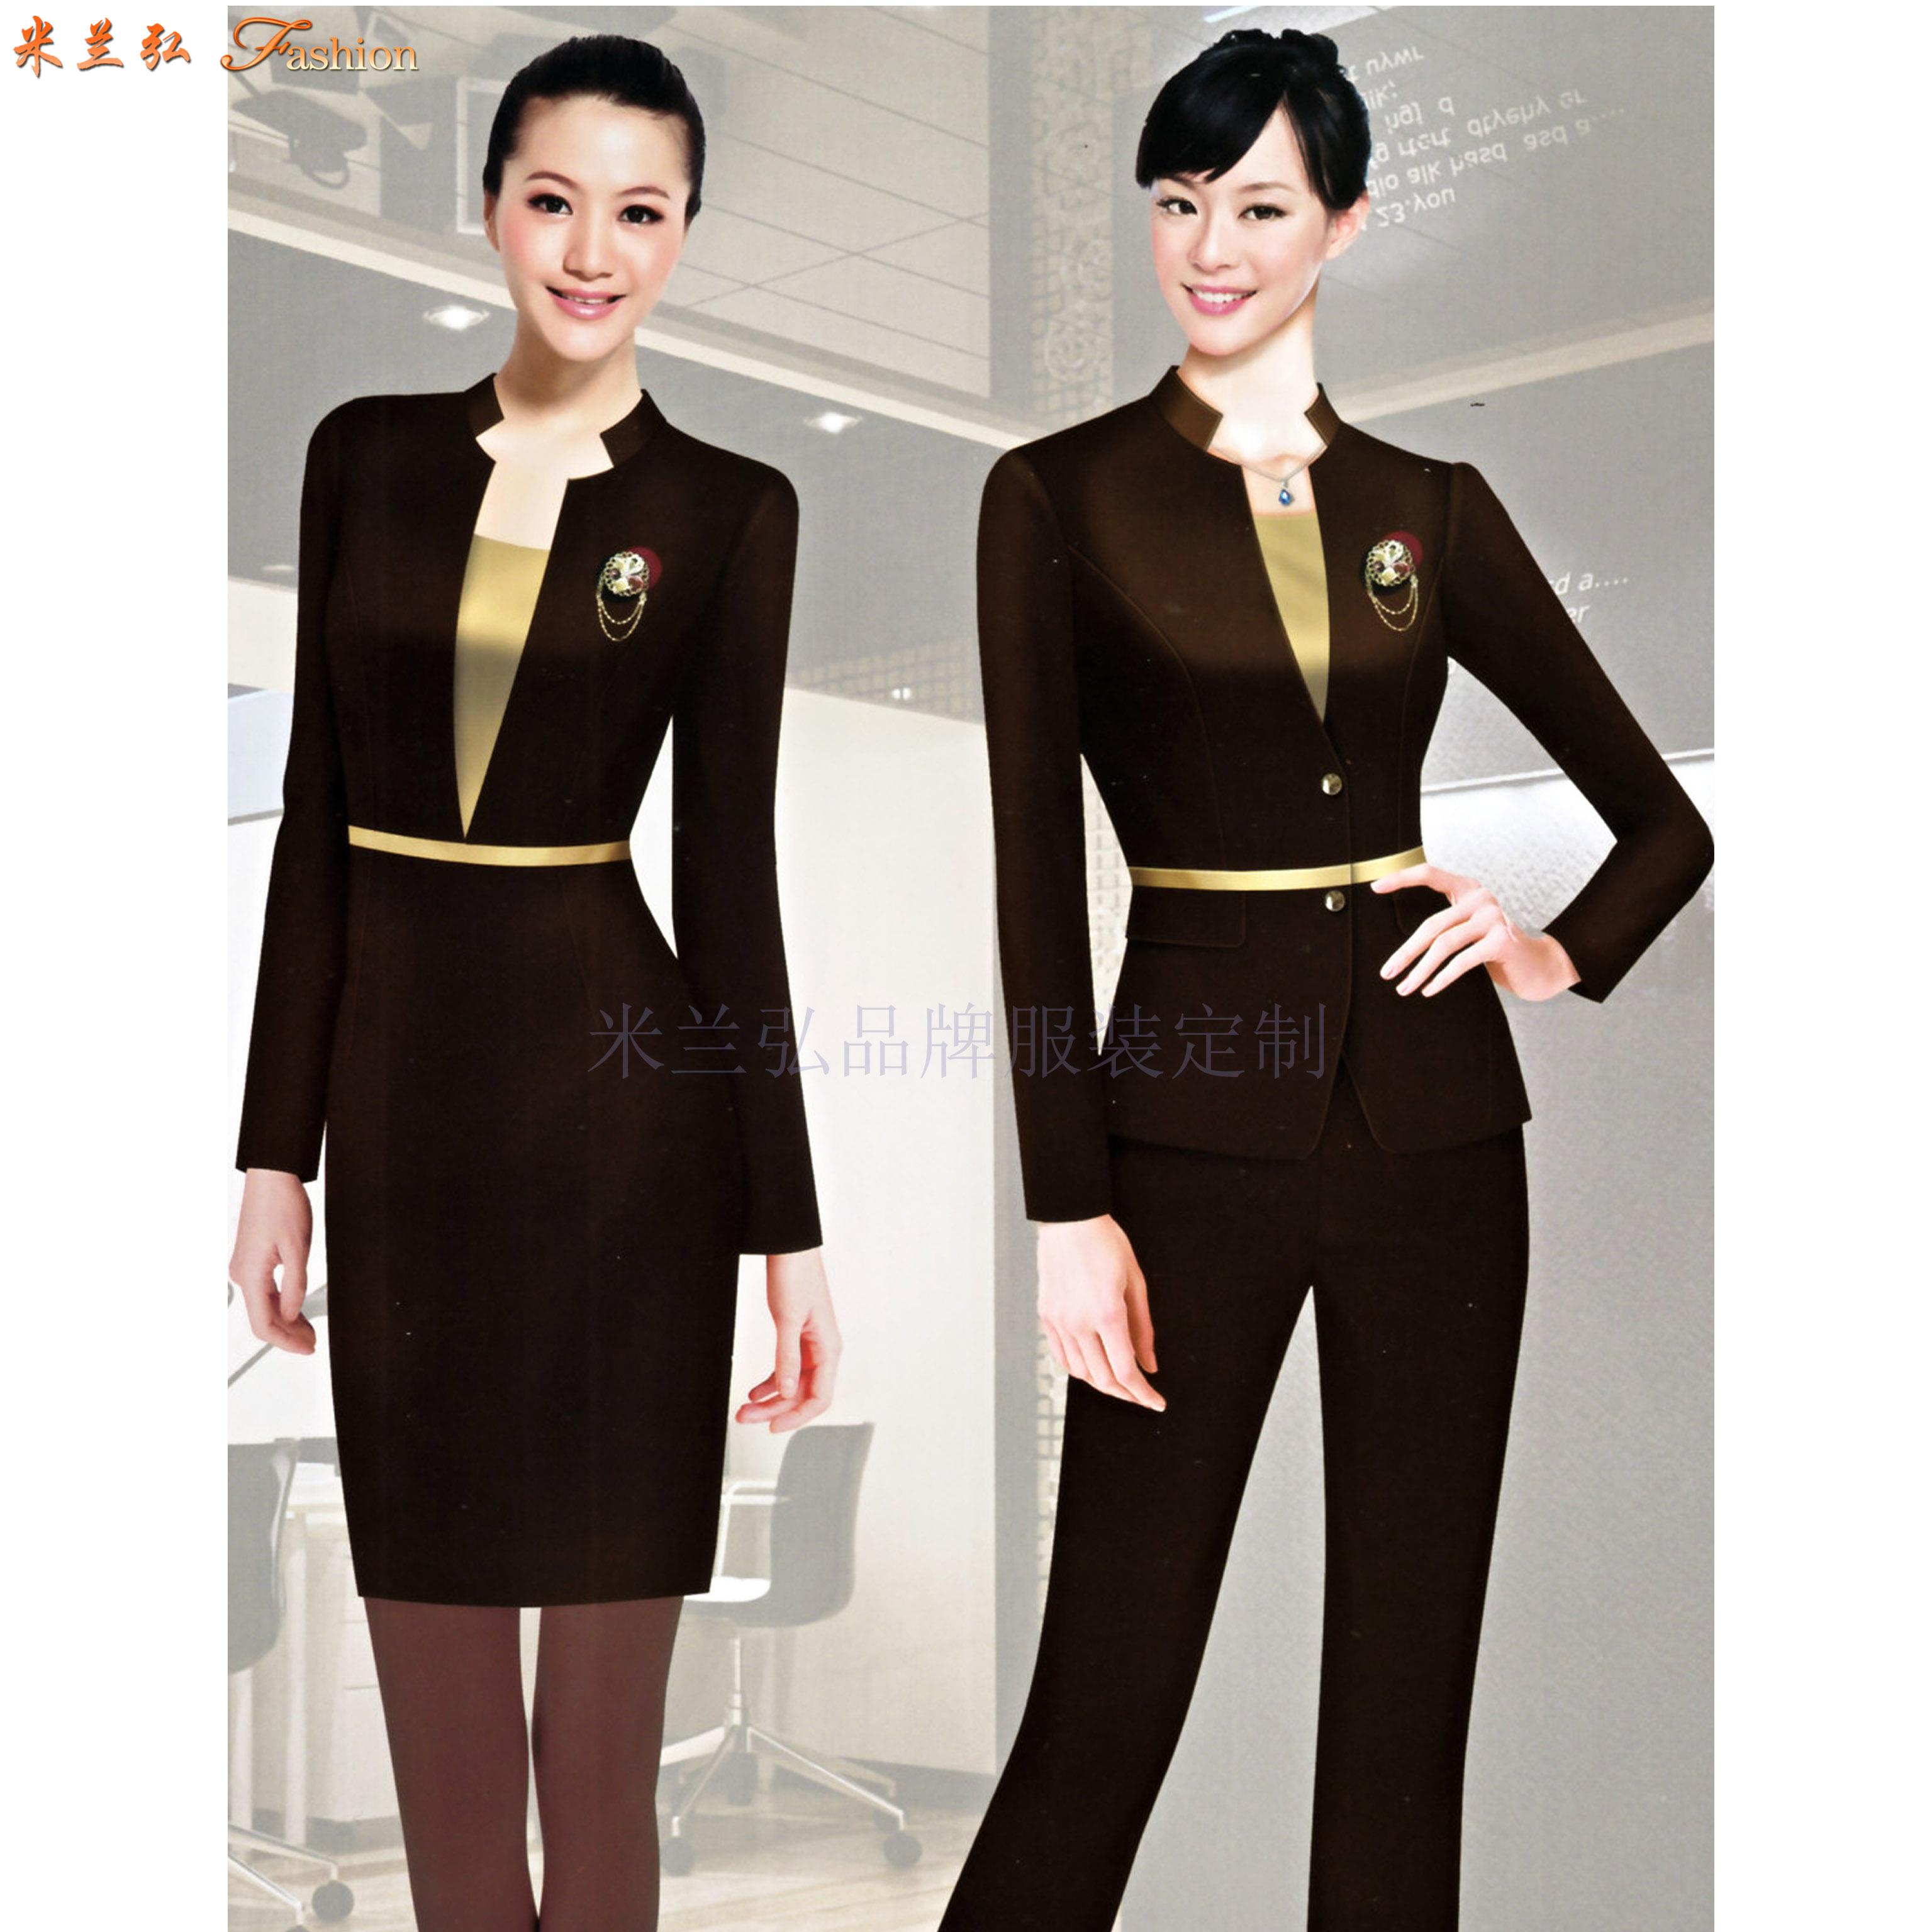 「服裝設計」工作服設計的3個性質及類別-米蘭弘服裝-4